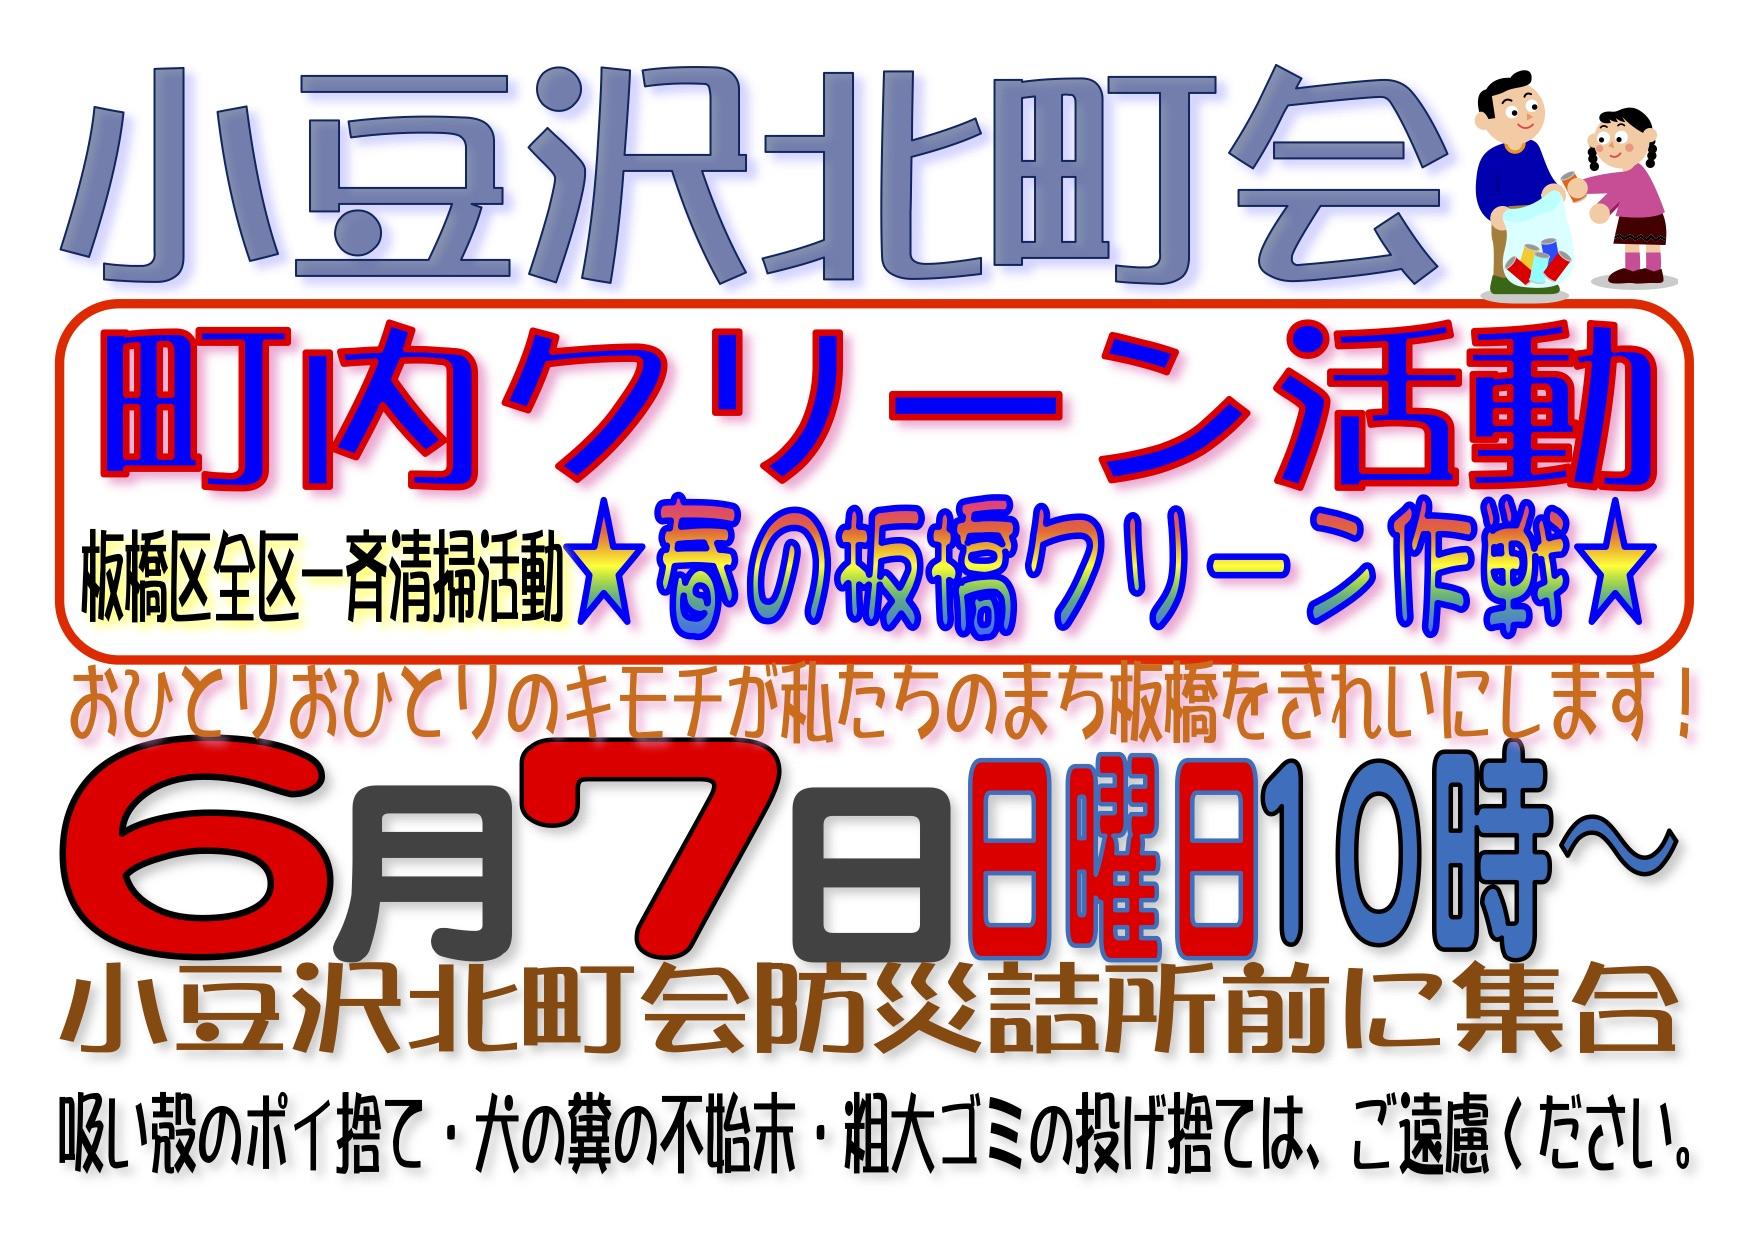 2015年6月7日(日)月例クリーン活動&春の板橋クリーン作戦